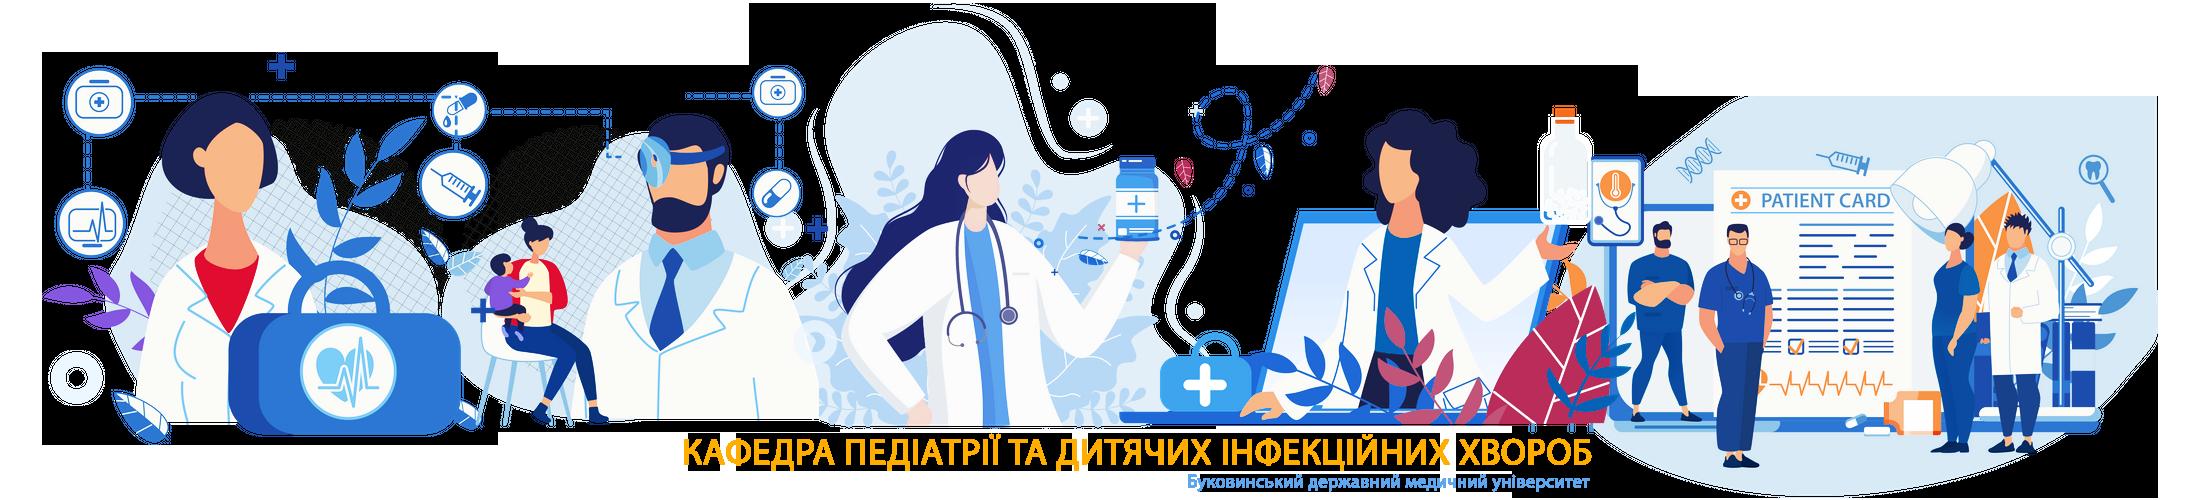 Кафедра педіатрії та дитячих інфекційних хвороб